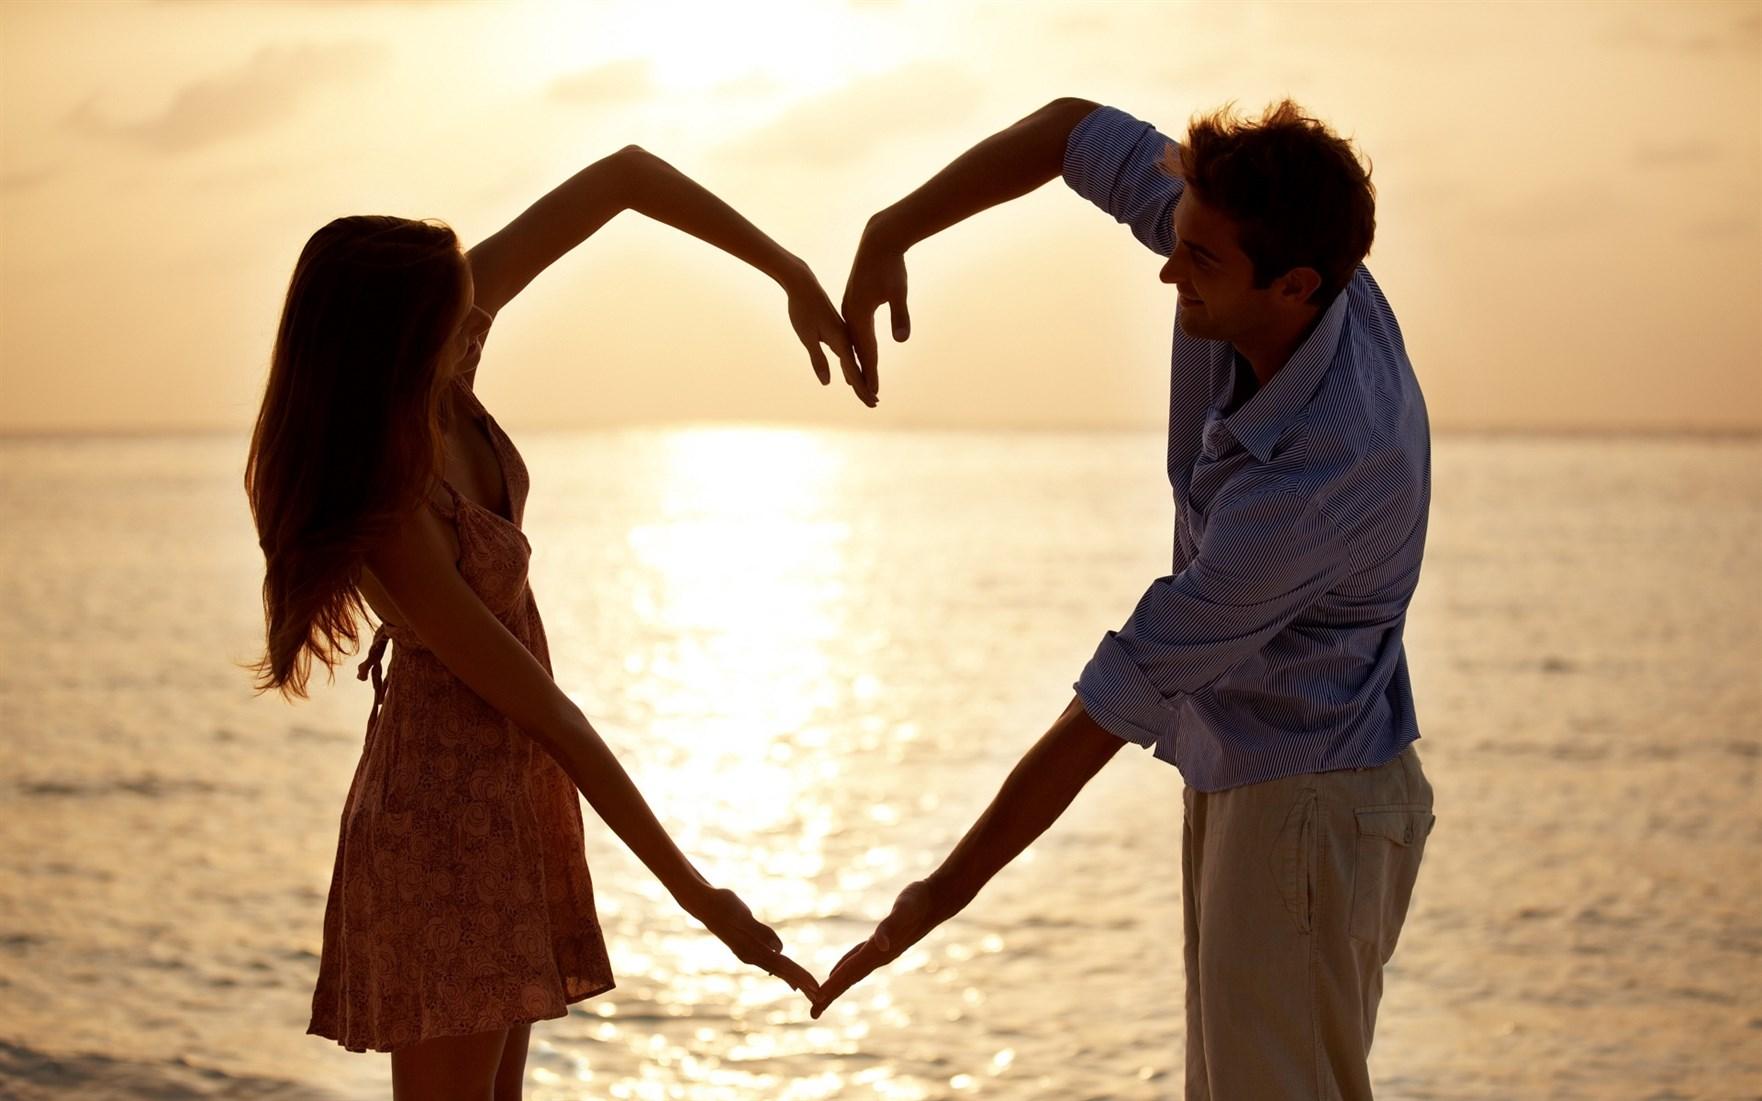 صورة حب و رومنسية , صور رومانسية مميزه للحبيبة 3194